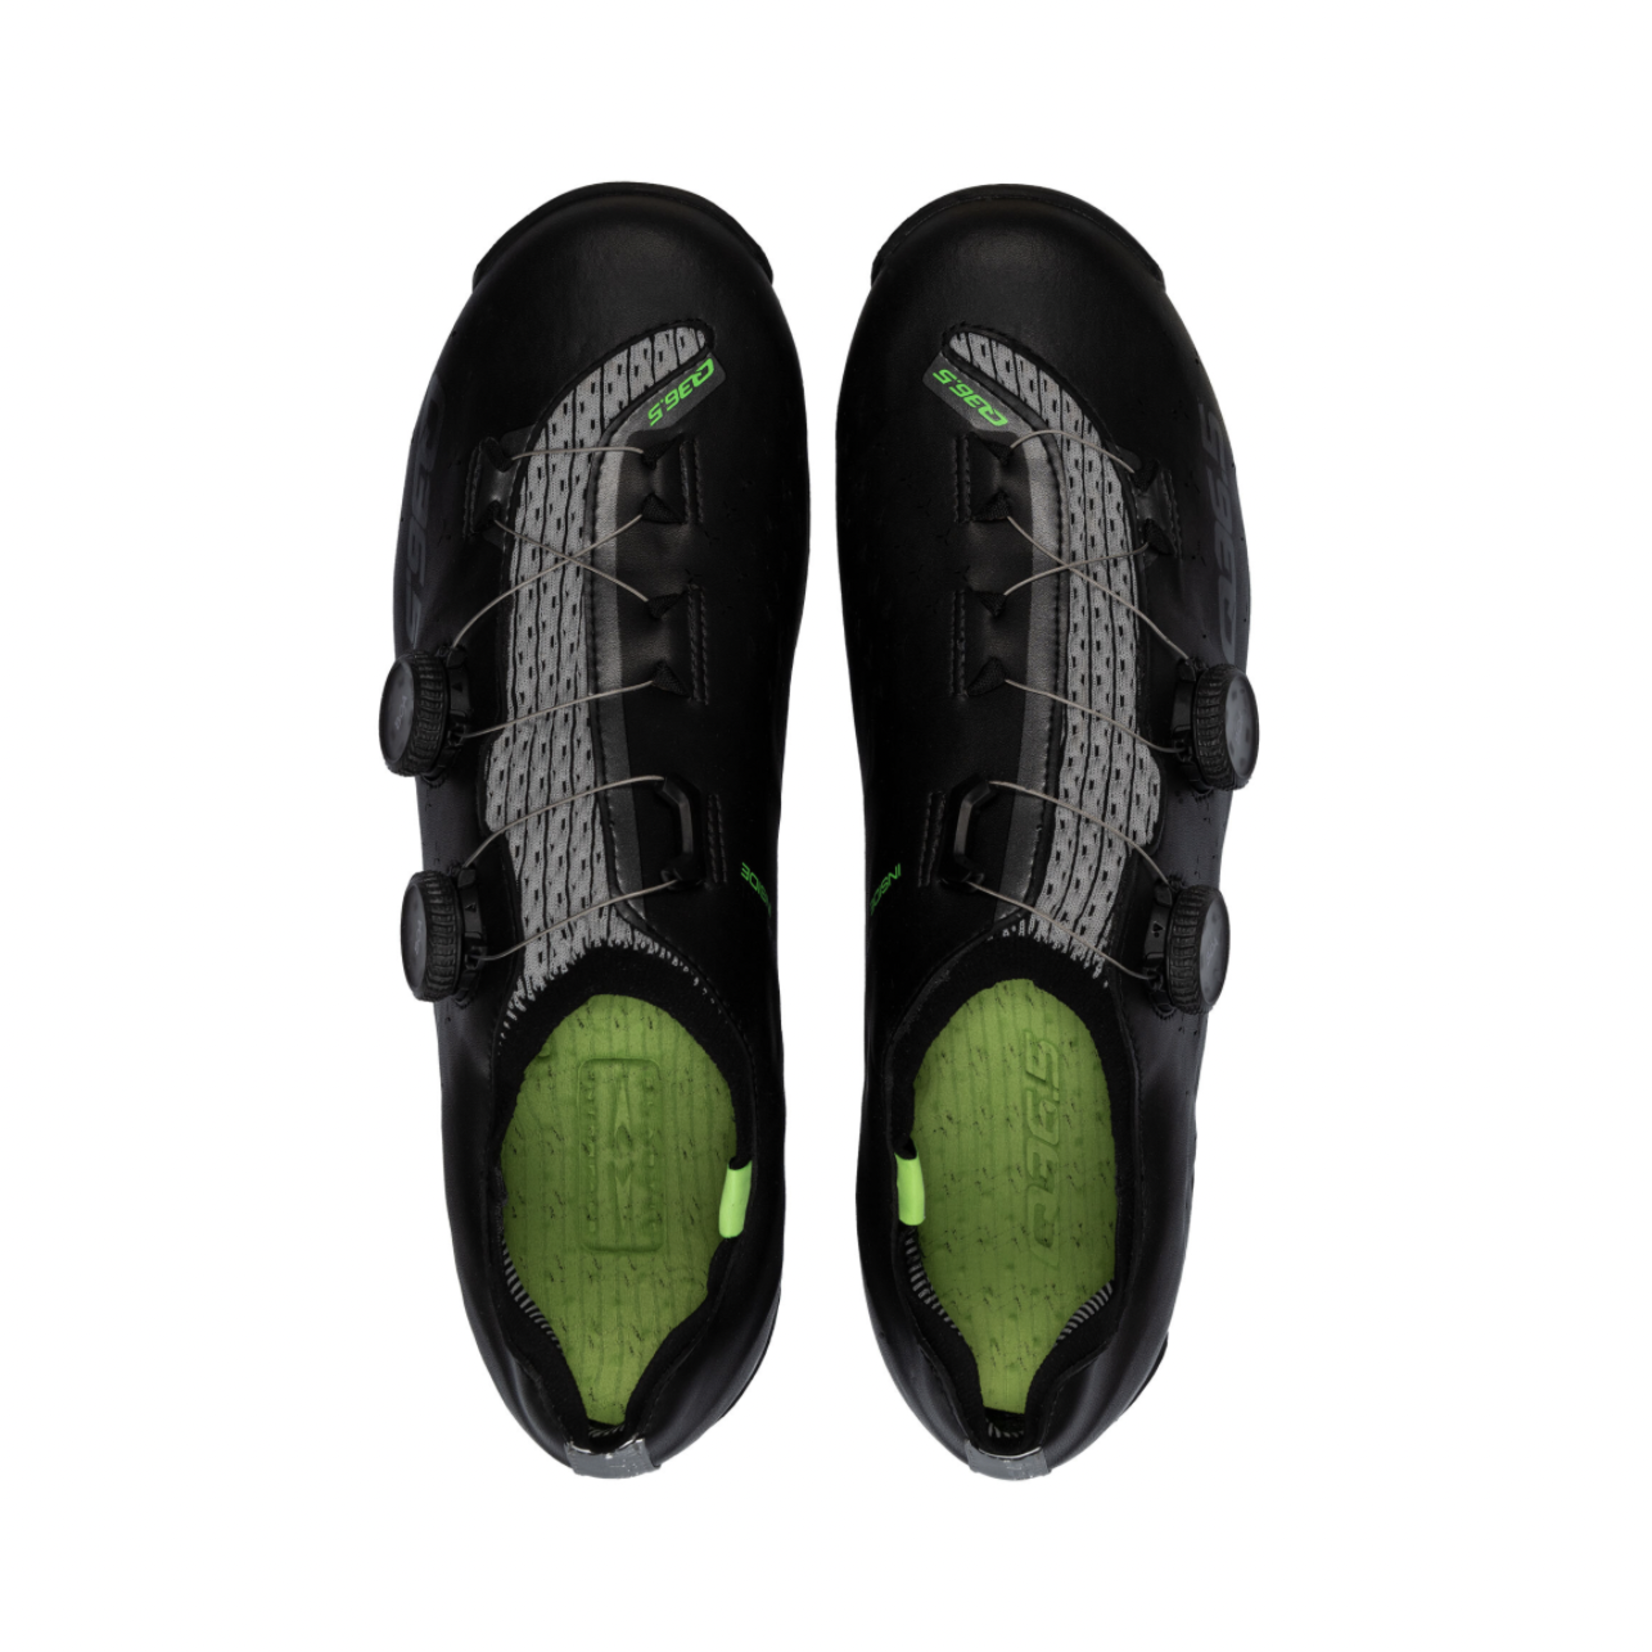 Q36.5 Q36.5 Unique Adventure Shoes - Black